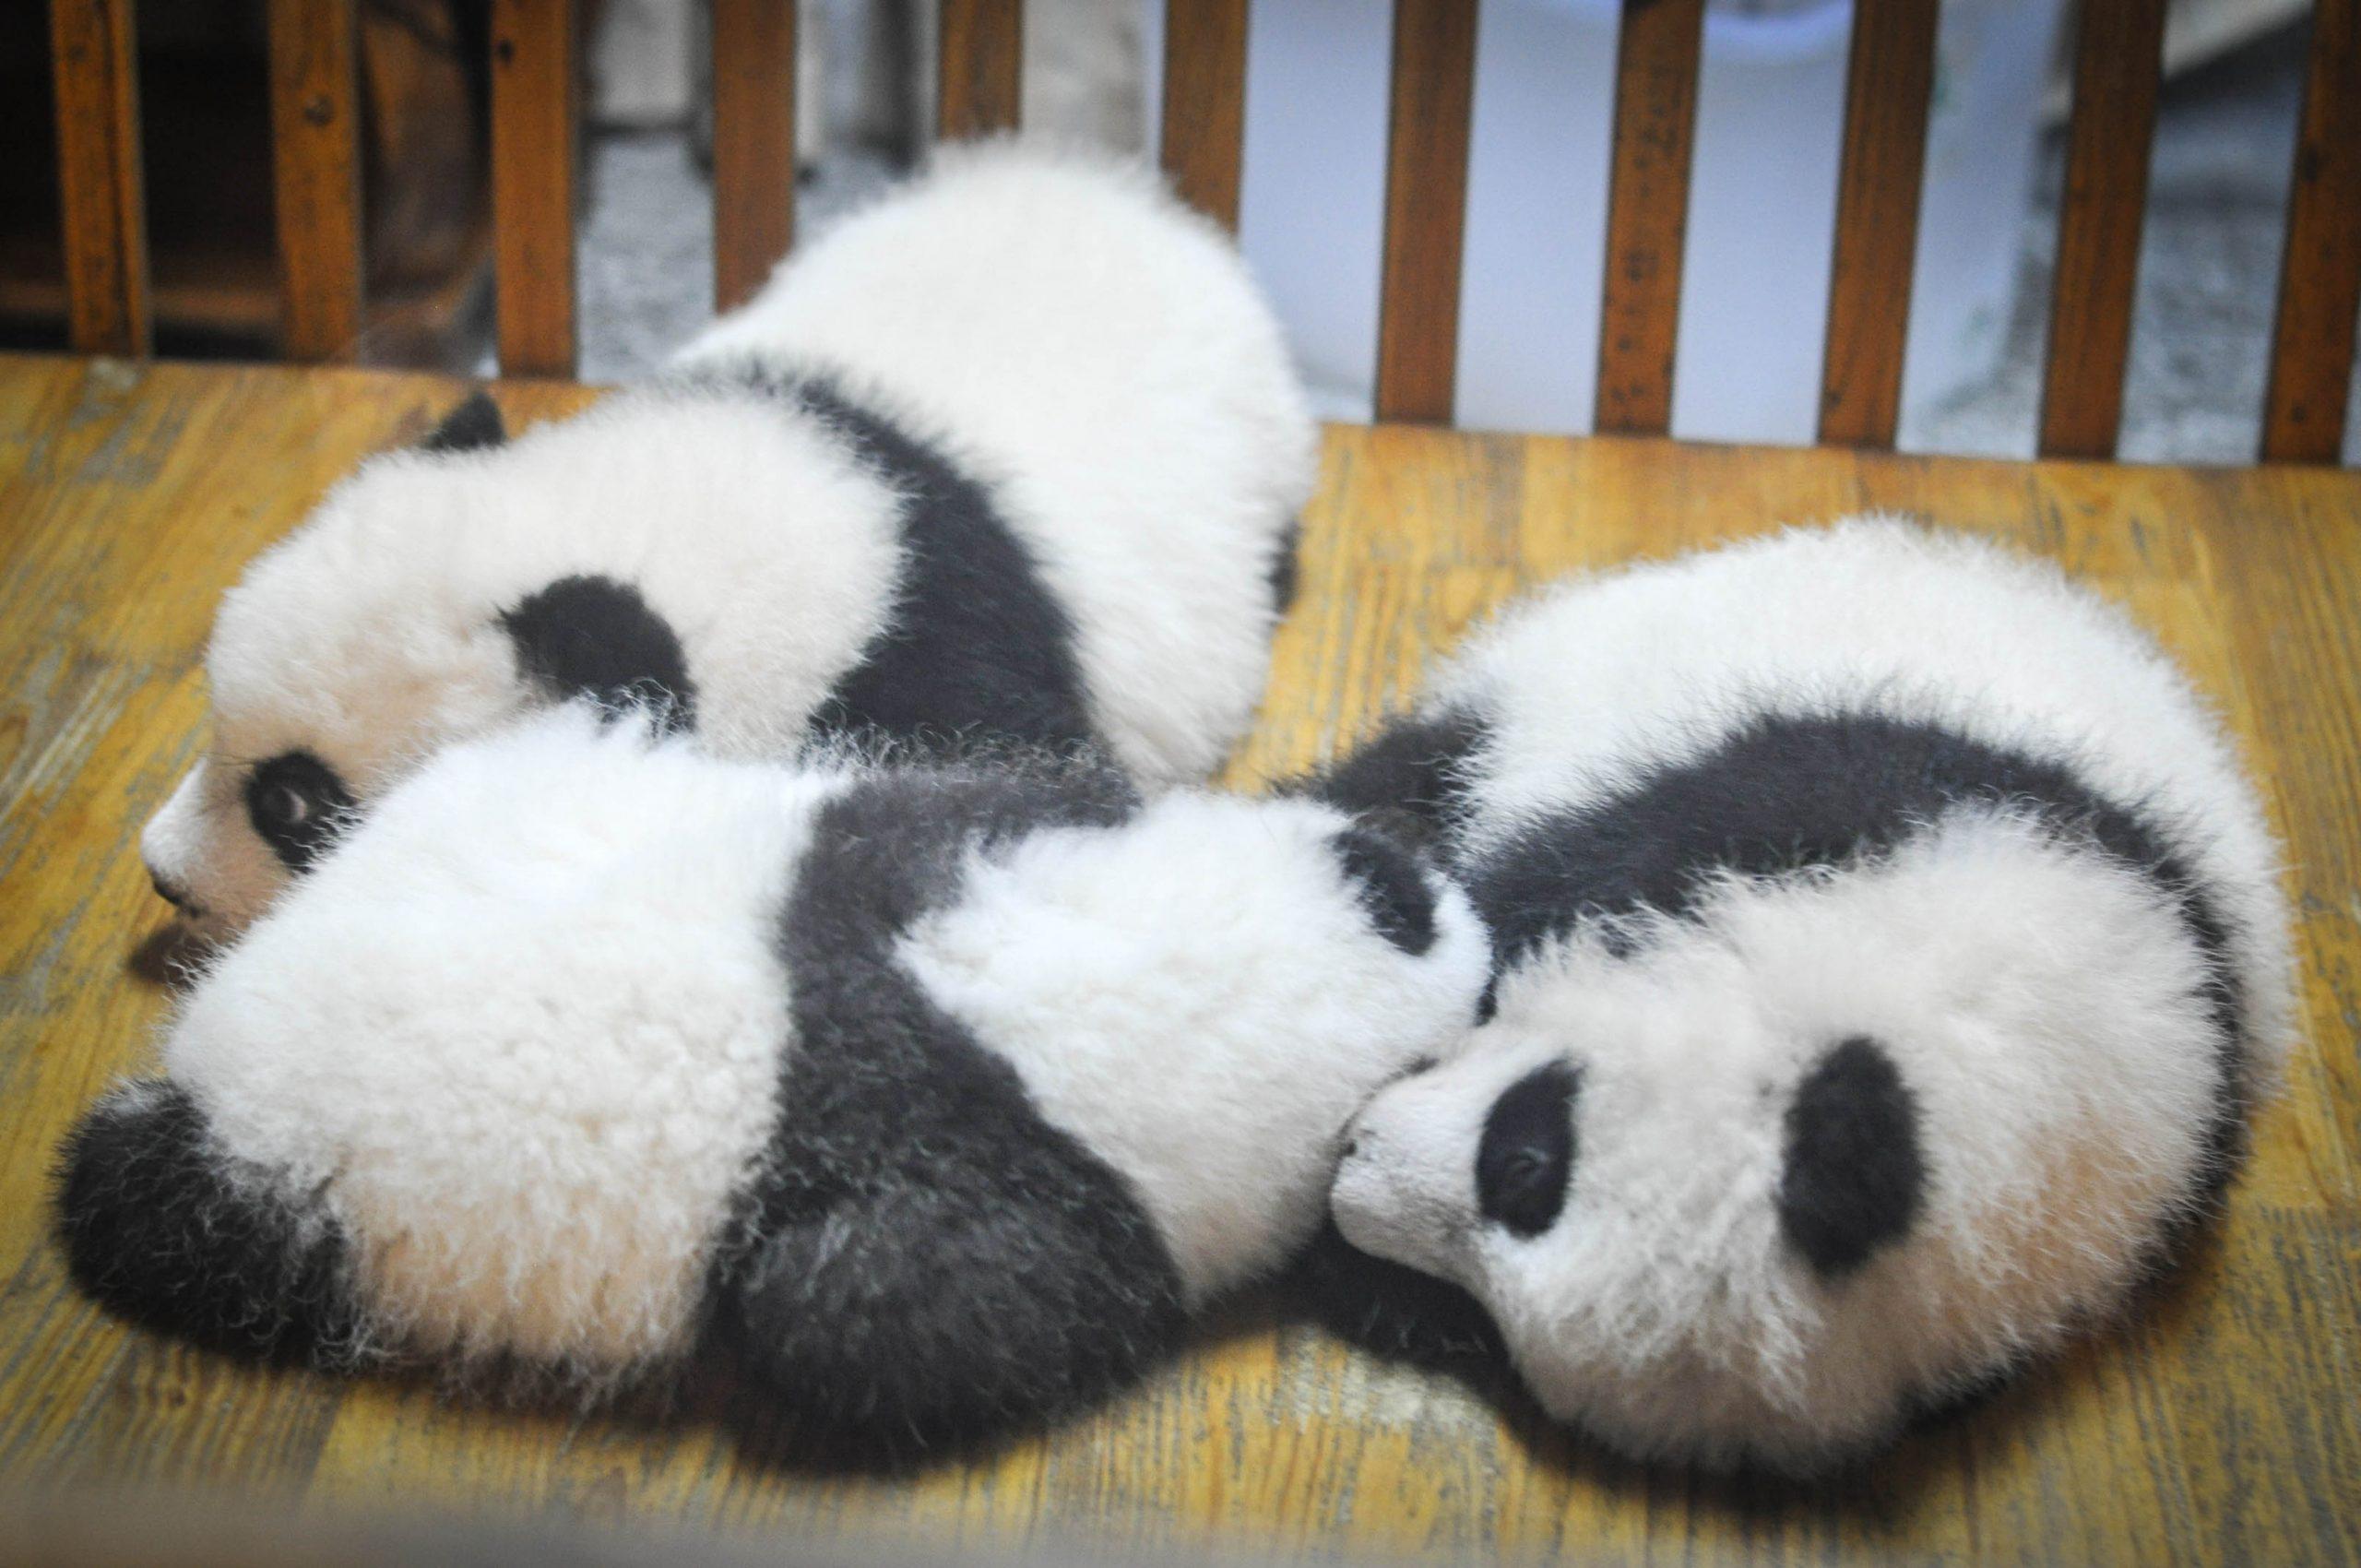 Baby Pandas in Chengdu, China